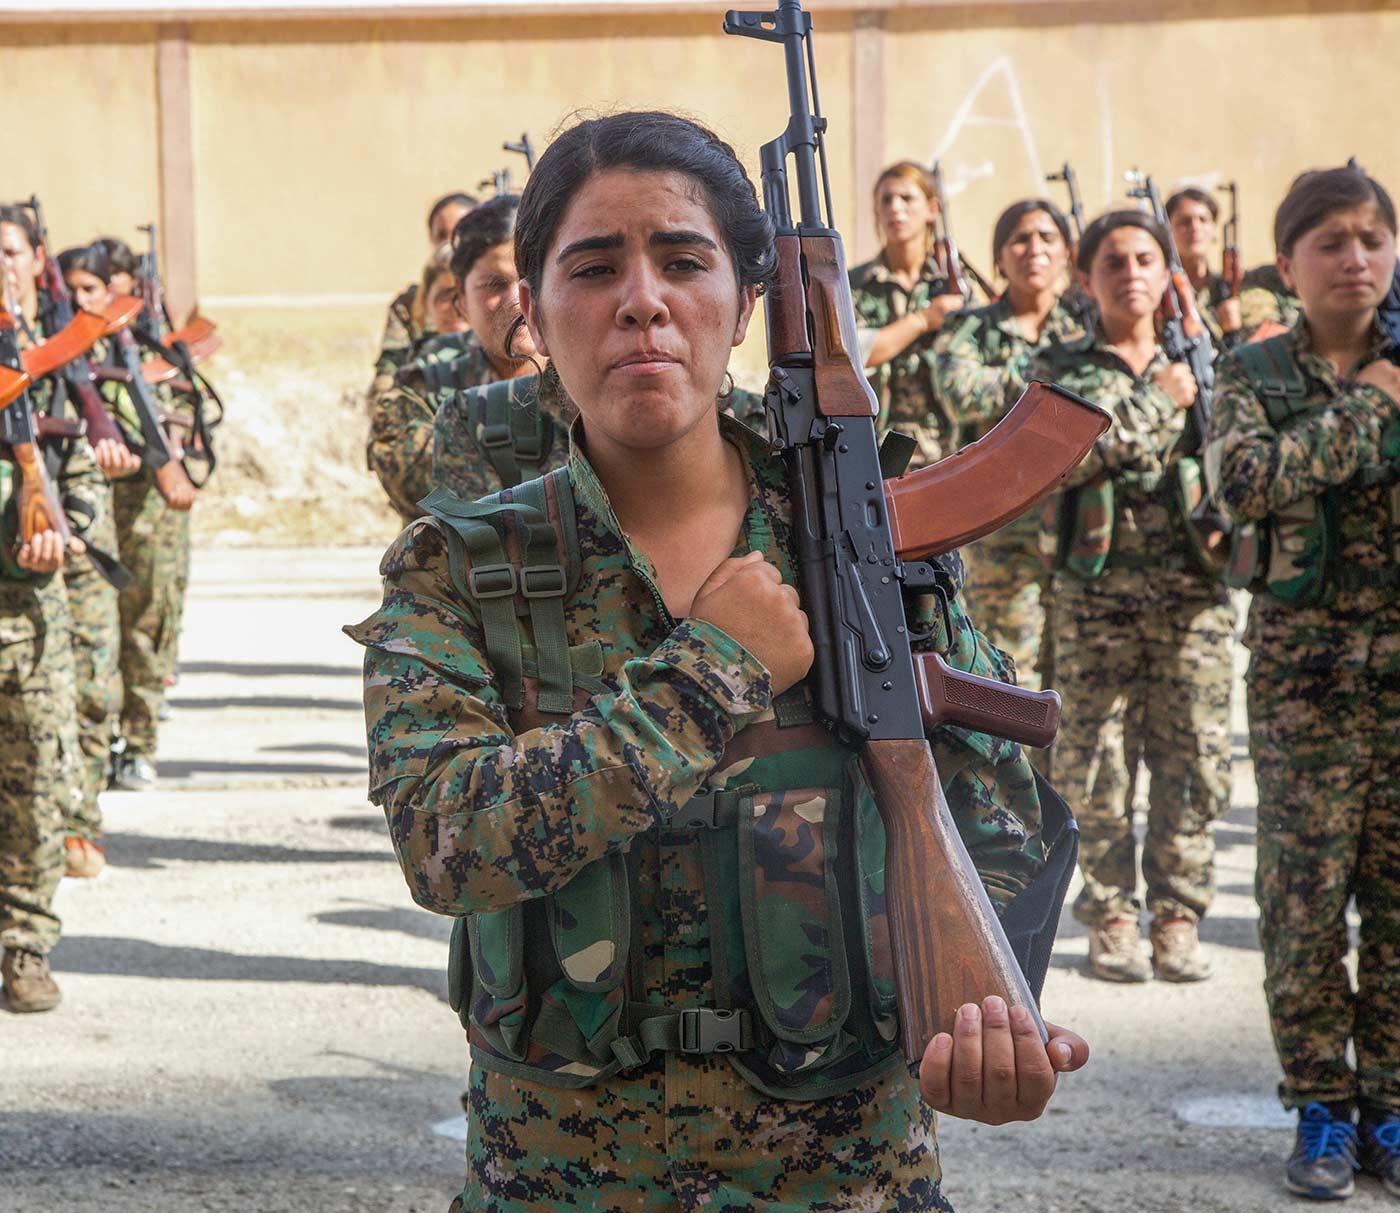 O membră a Forțelor Democrate Siriene în timpul ceremoniei de absolvire desfășurată în nordul Siriei. 9 august, 2017 / Foto: Sgt. Mitchell Ryan pentru US Army